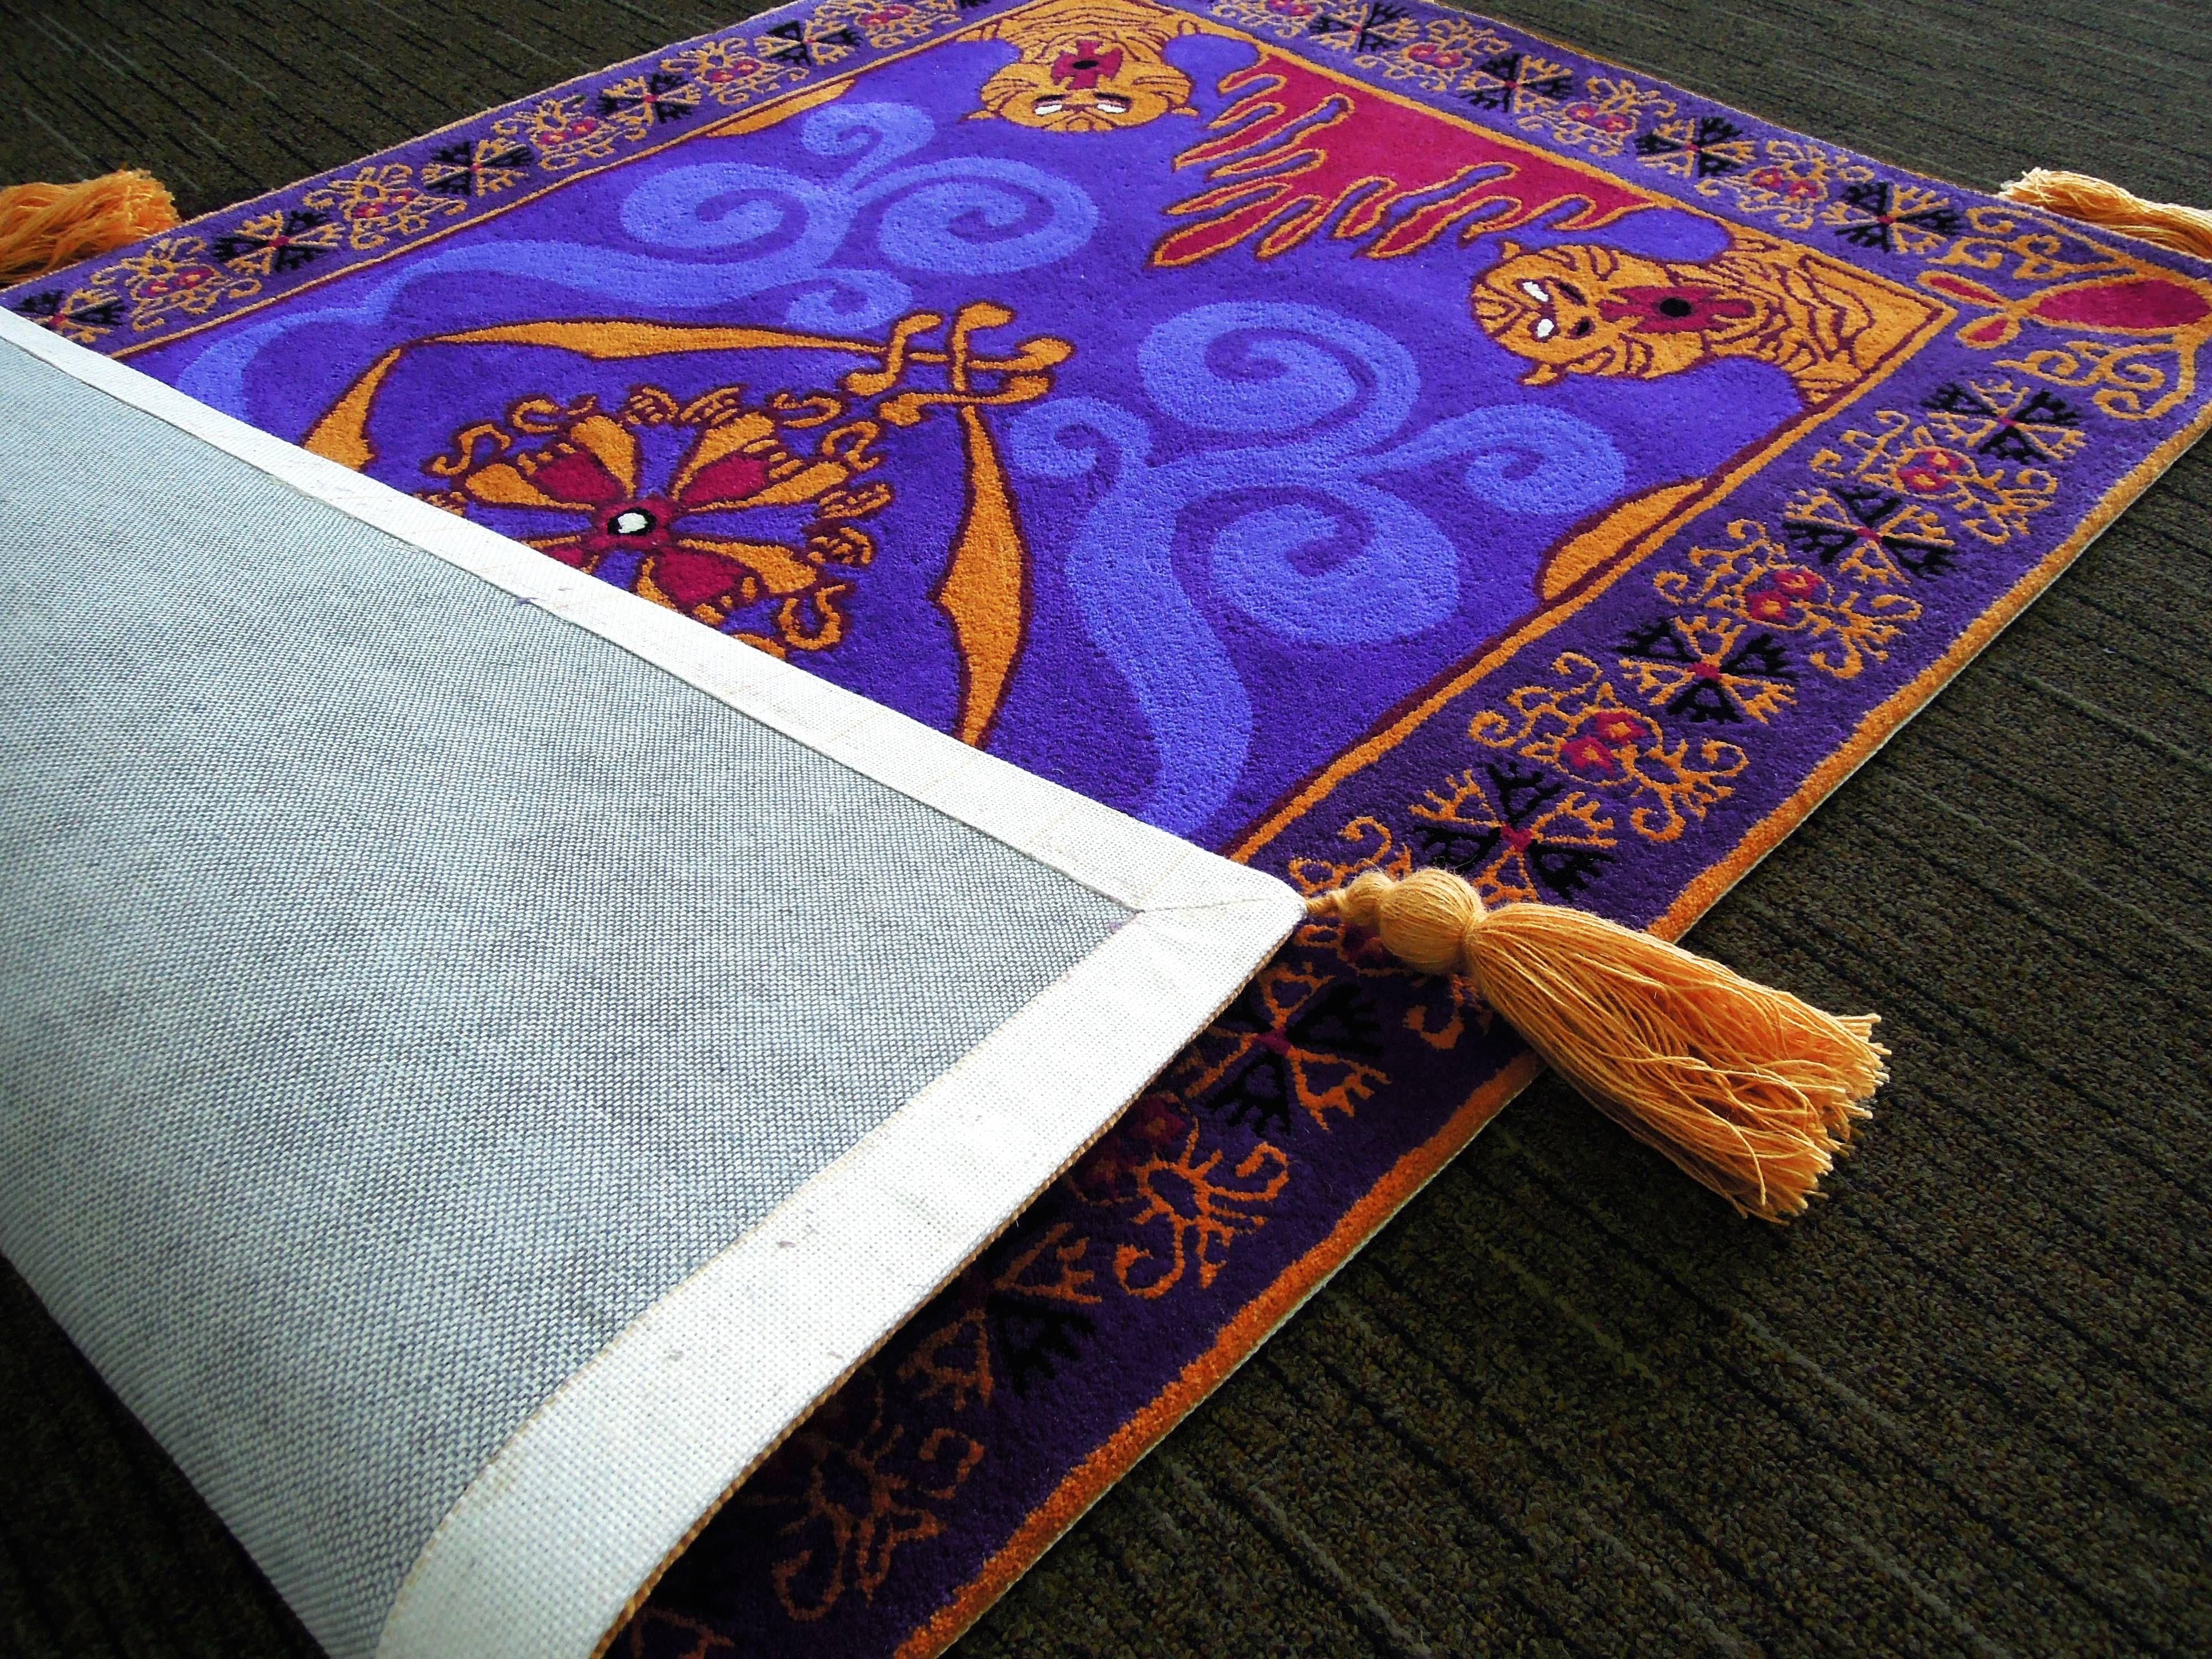 Aladdin's Magic Carpet, Complete with Pics!